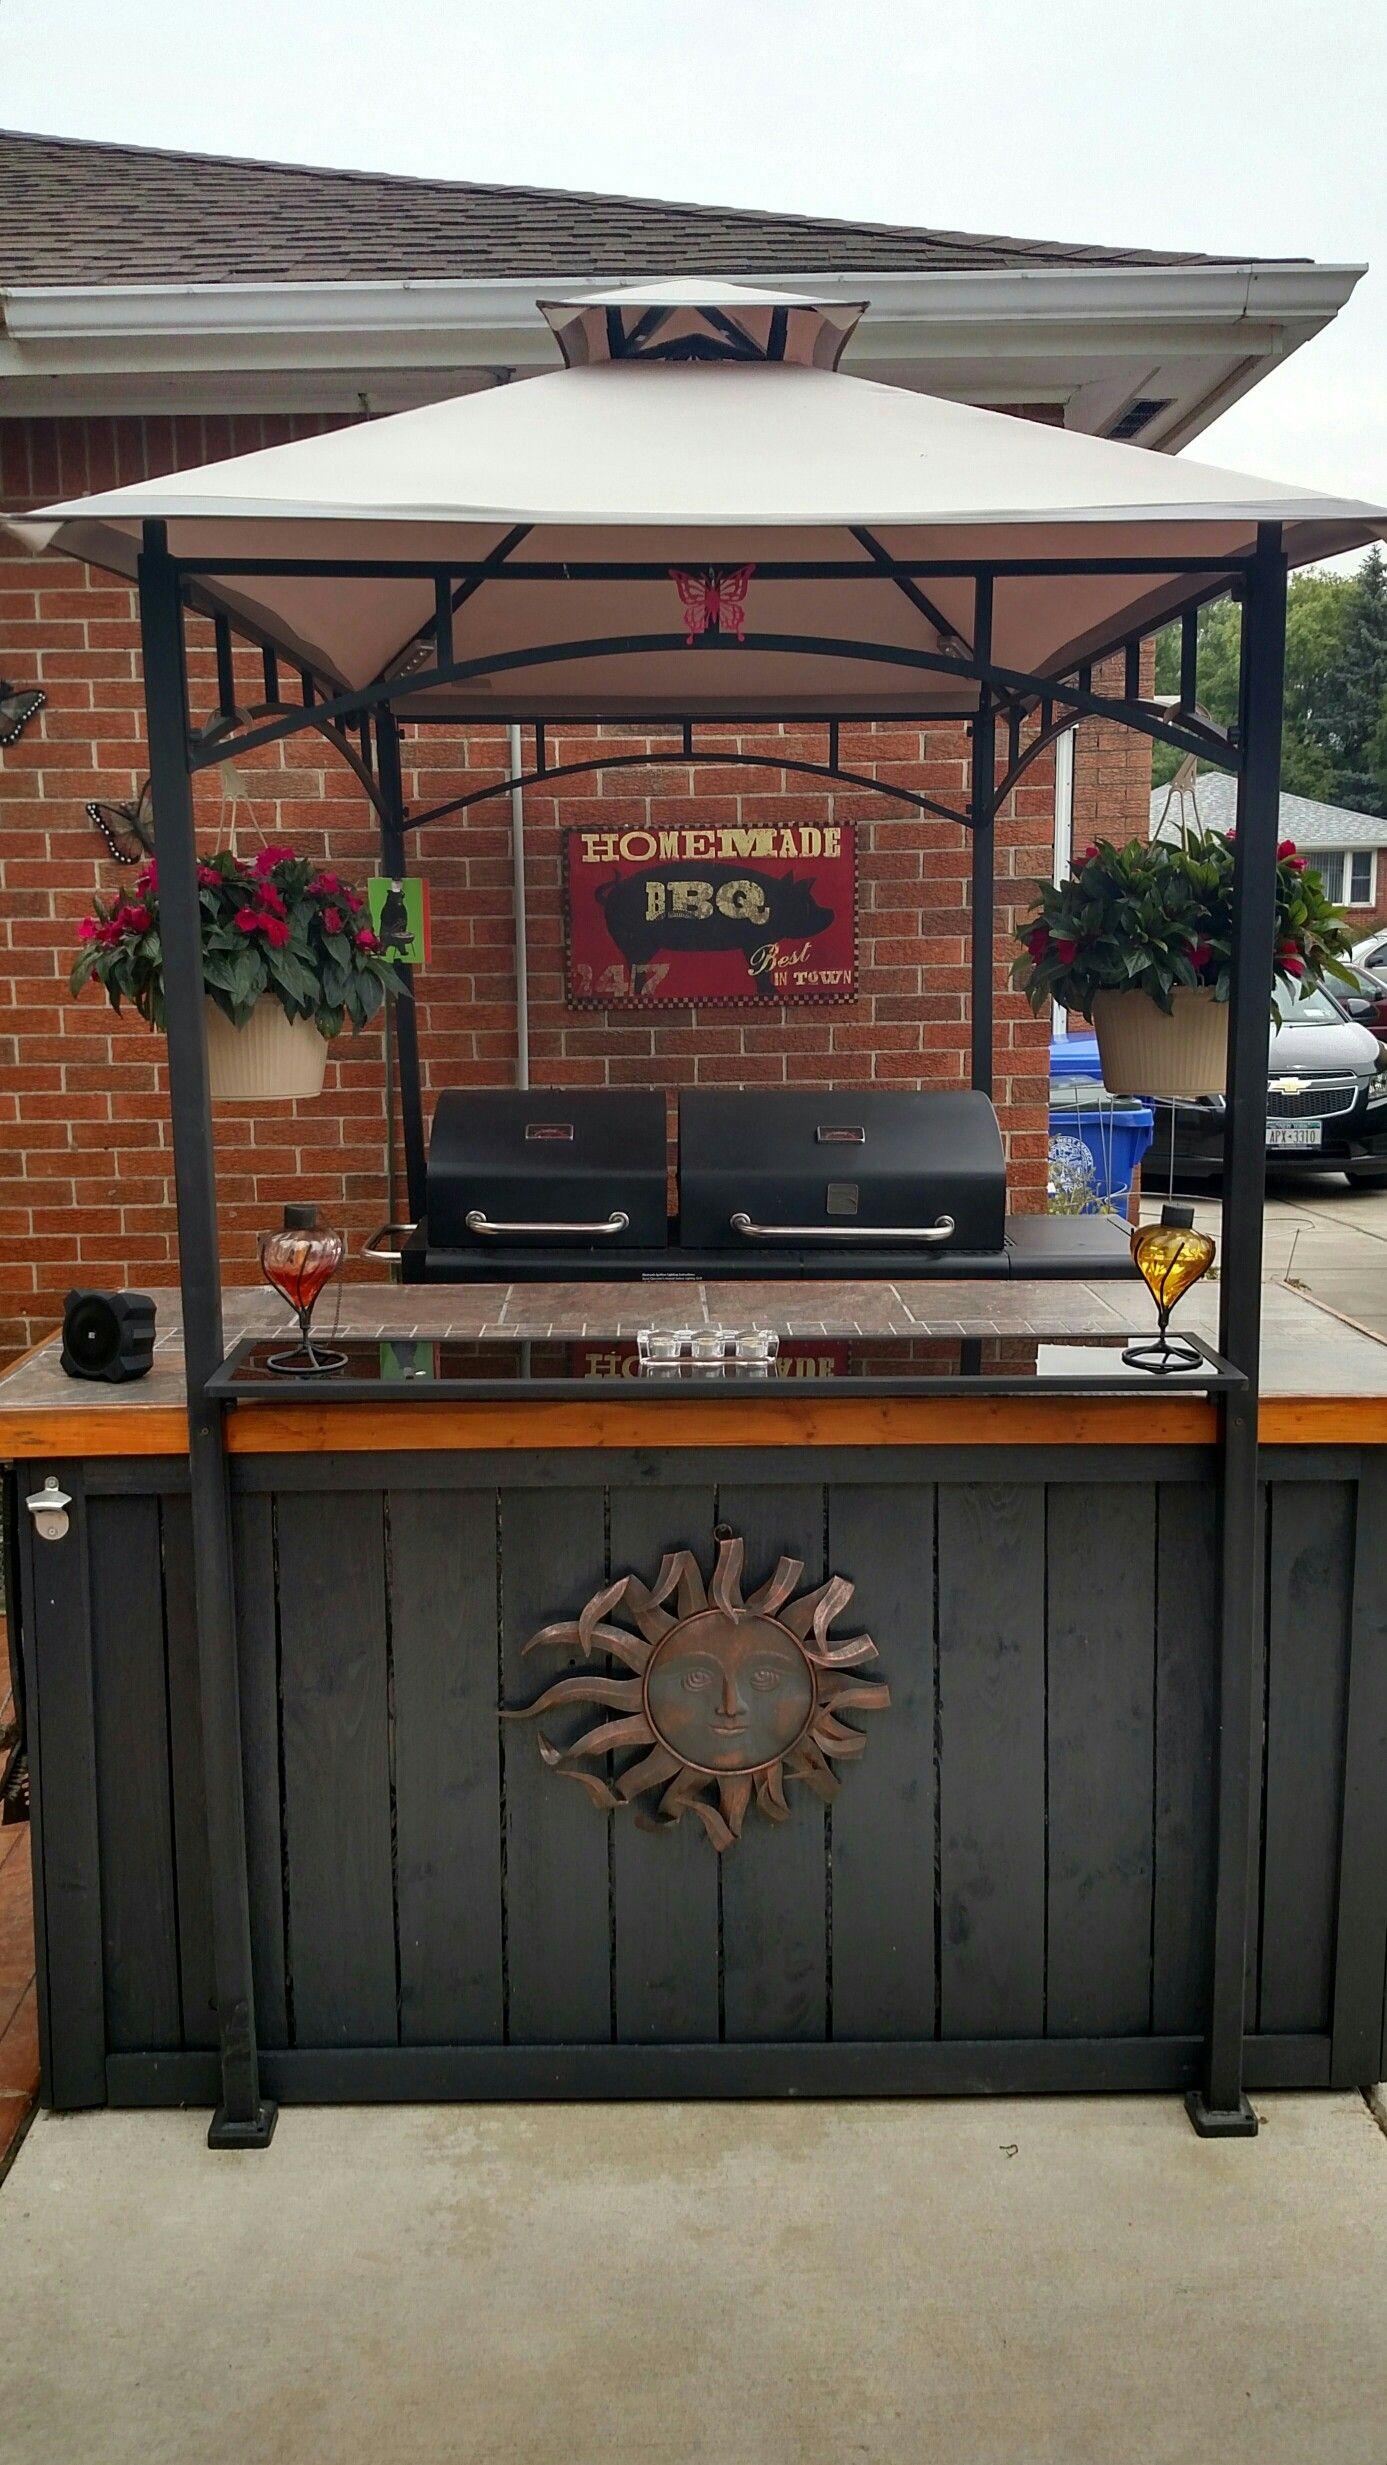 grill gazebo anchoredcontainer gardens | container garden